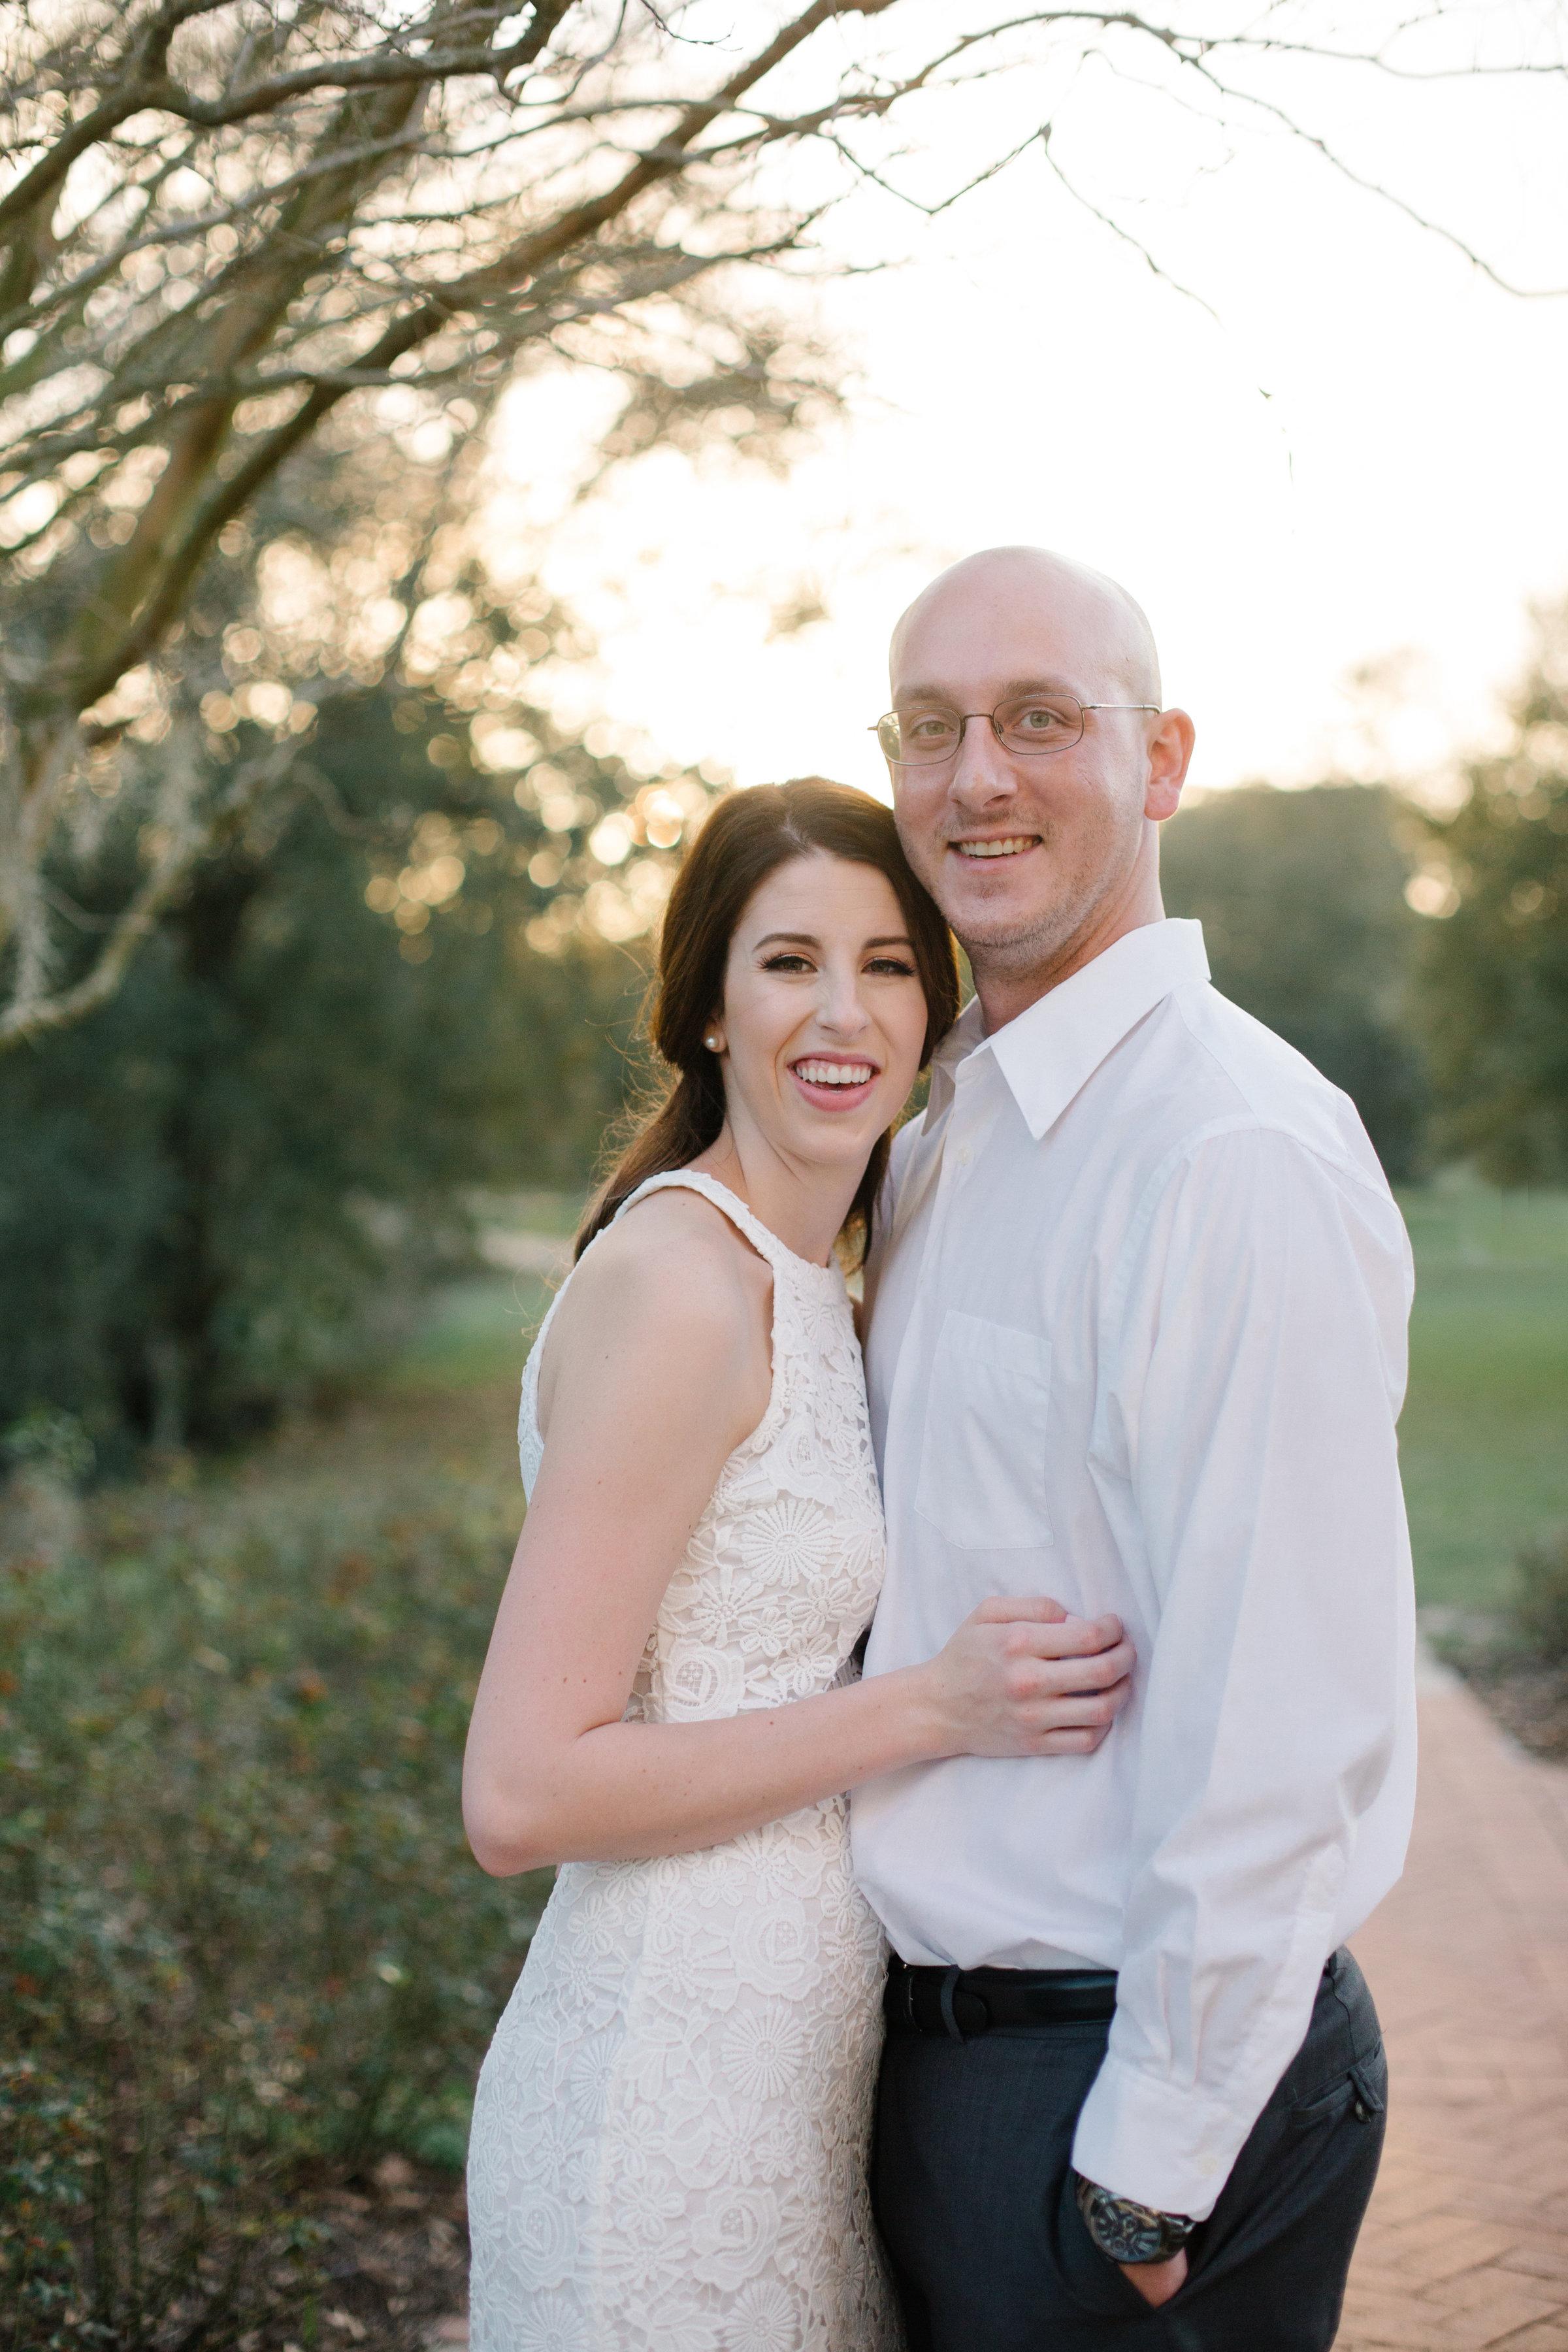 Amanda_Patrick_Engagement-125.jpg